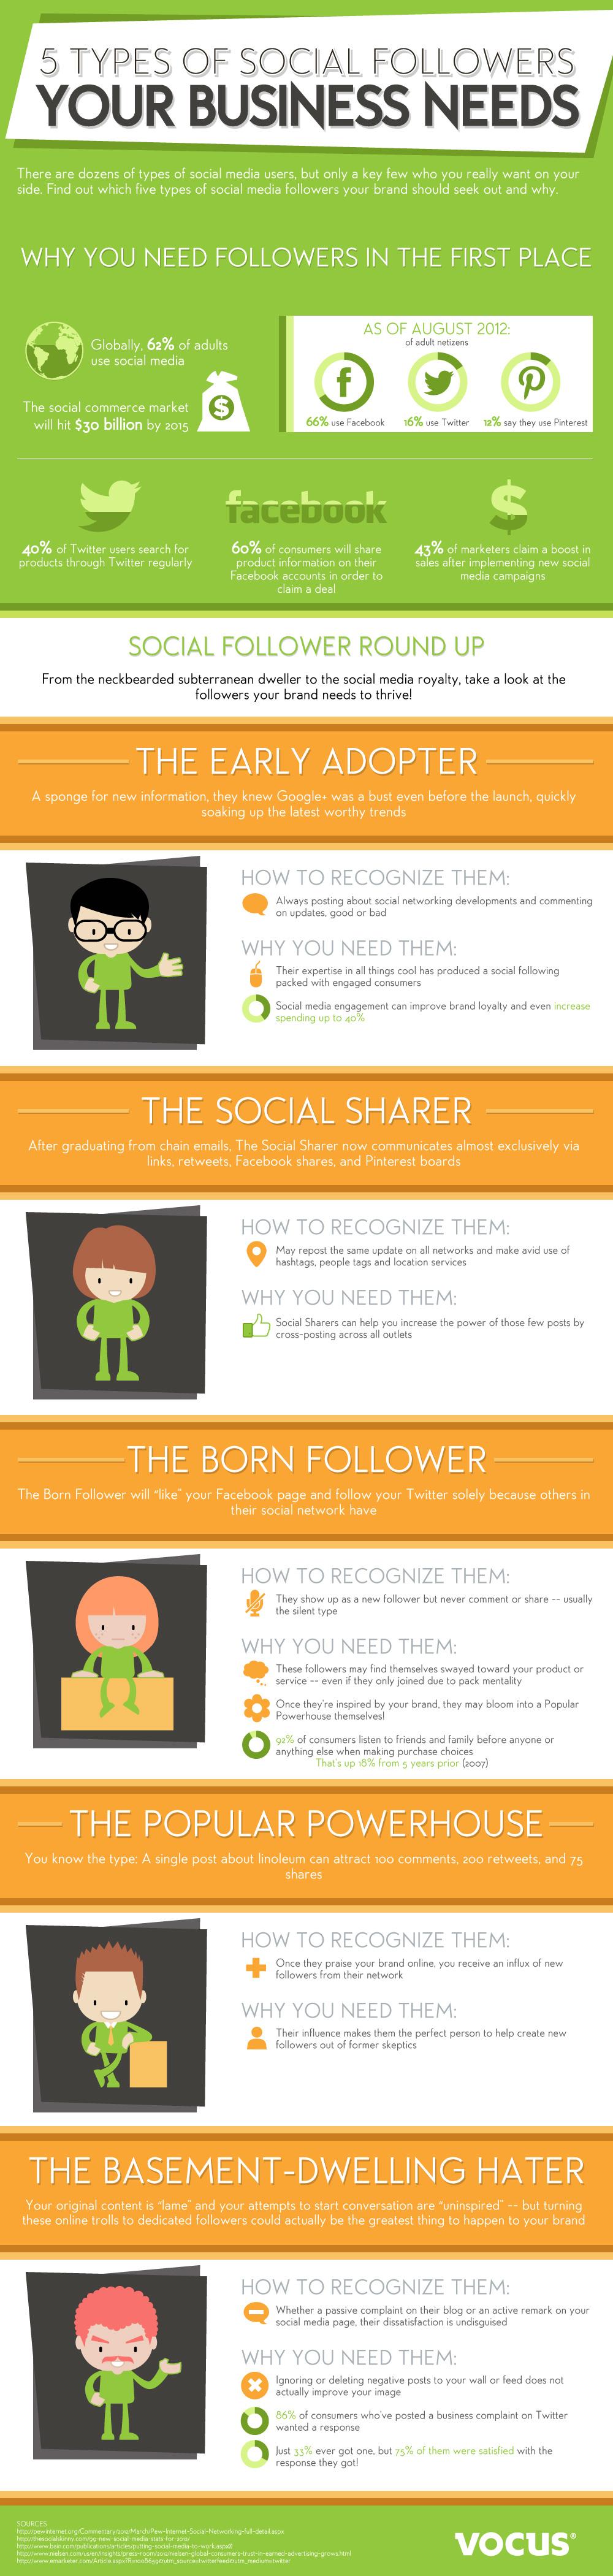 Şirketinizin İhtiyacı Olan 5 Sosyal Takipçi Türü